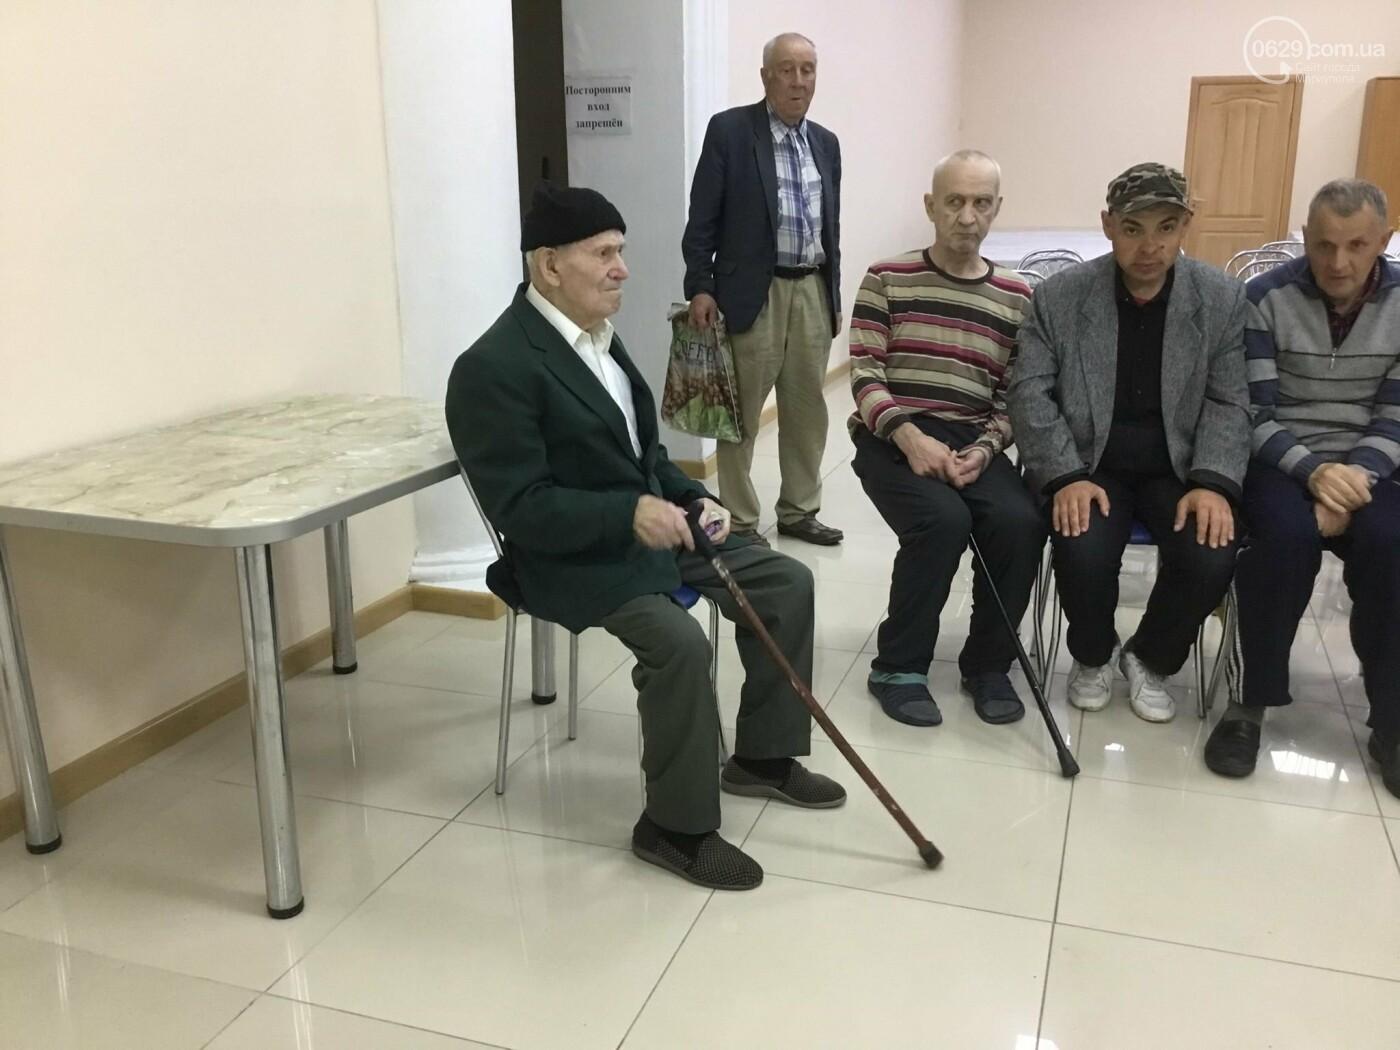 В мариупольском доме ветеранов живет 102-летний пехотинец, - ФОТО, ВИДЕО, фото-3